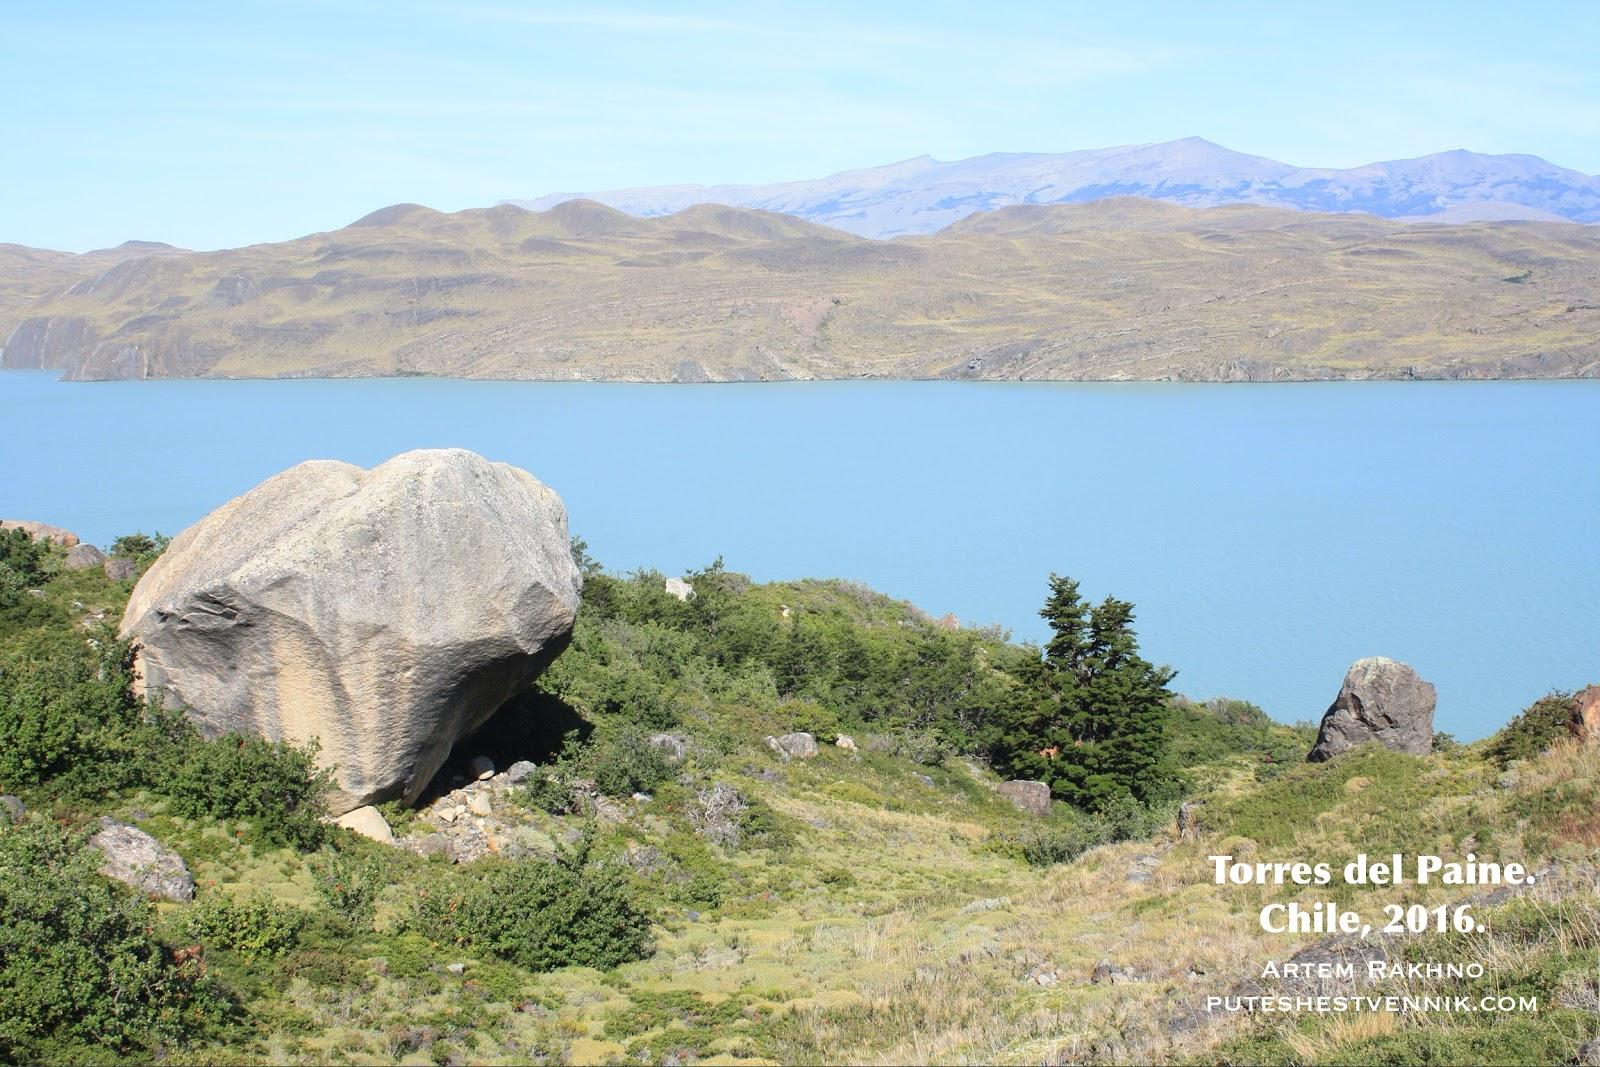 Камень на берегу озера